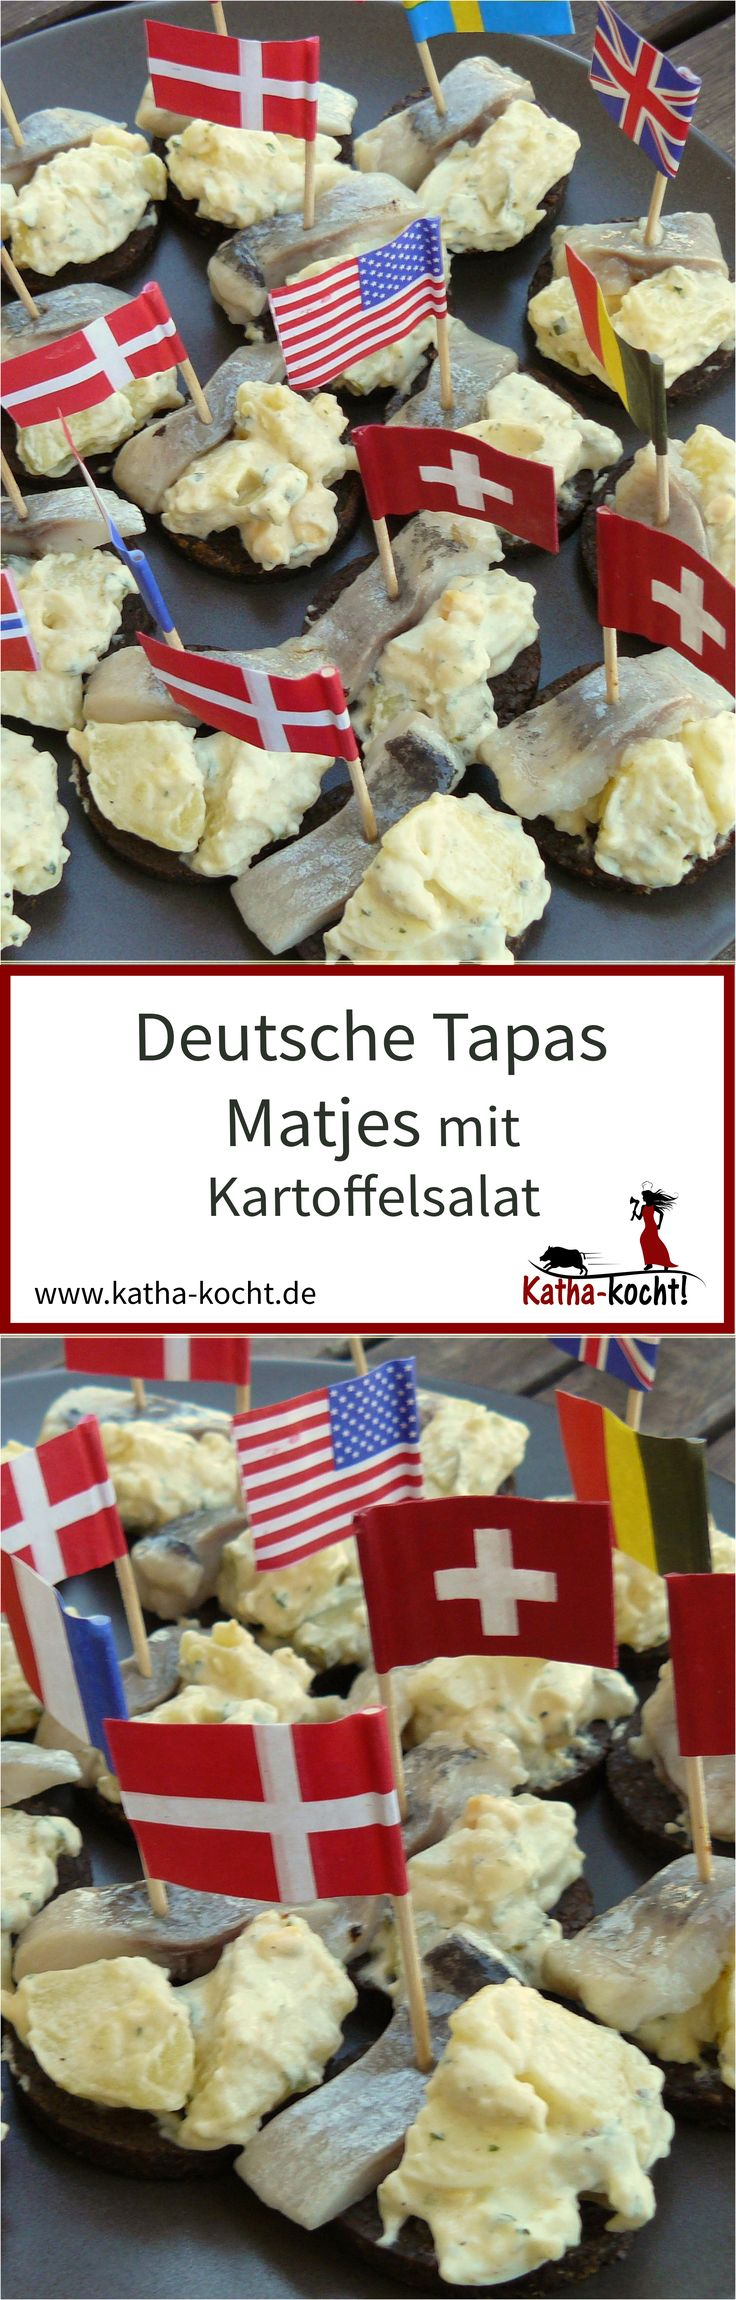 Matjes und Kartoffelsalat ist eine Kombination die immer beliebt ist - auf kleinen Schnittchen werden daraus super unkomplizierte deutsche Tapas für eure nächste Party. Das Rezept für die kleinen Häppchen gibt es auf katha-kocht!